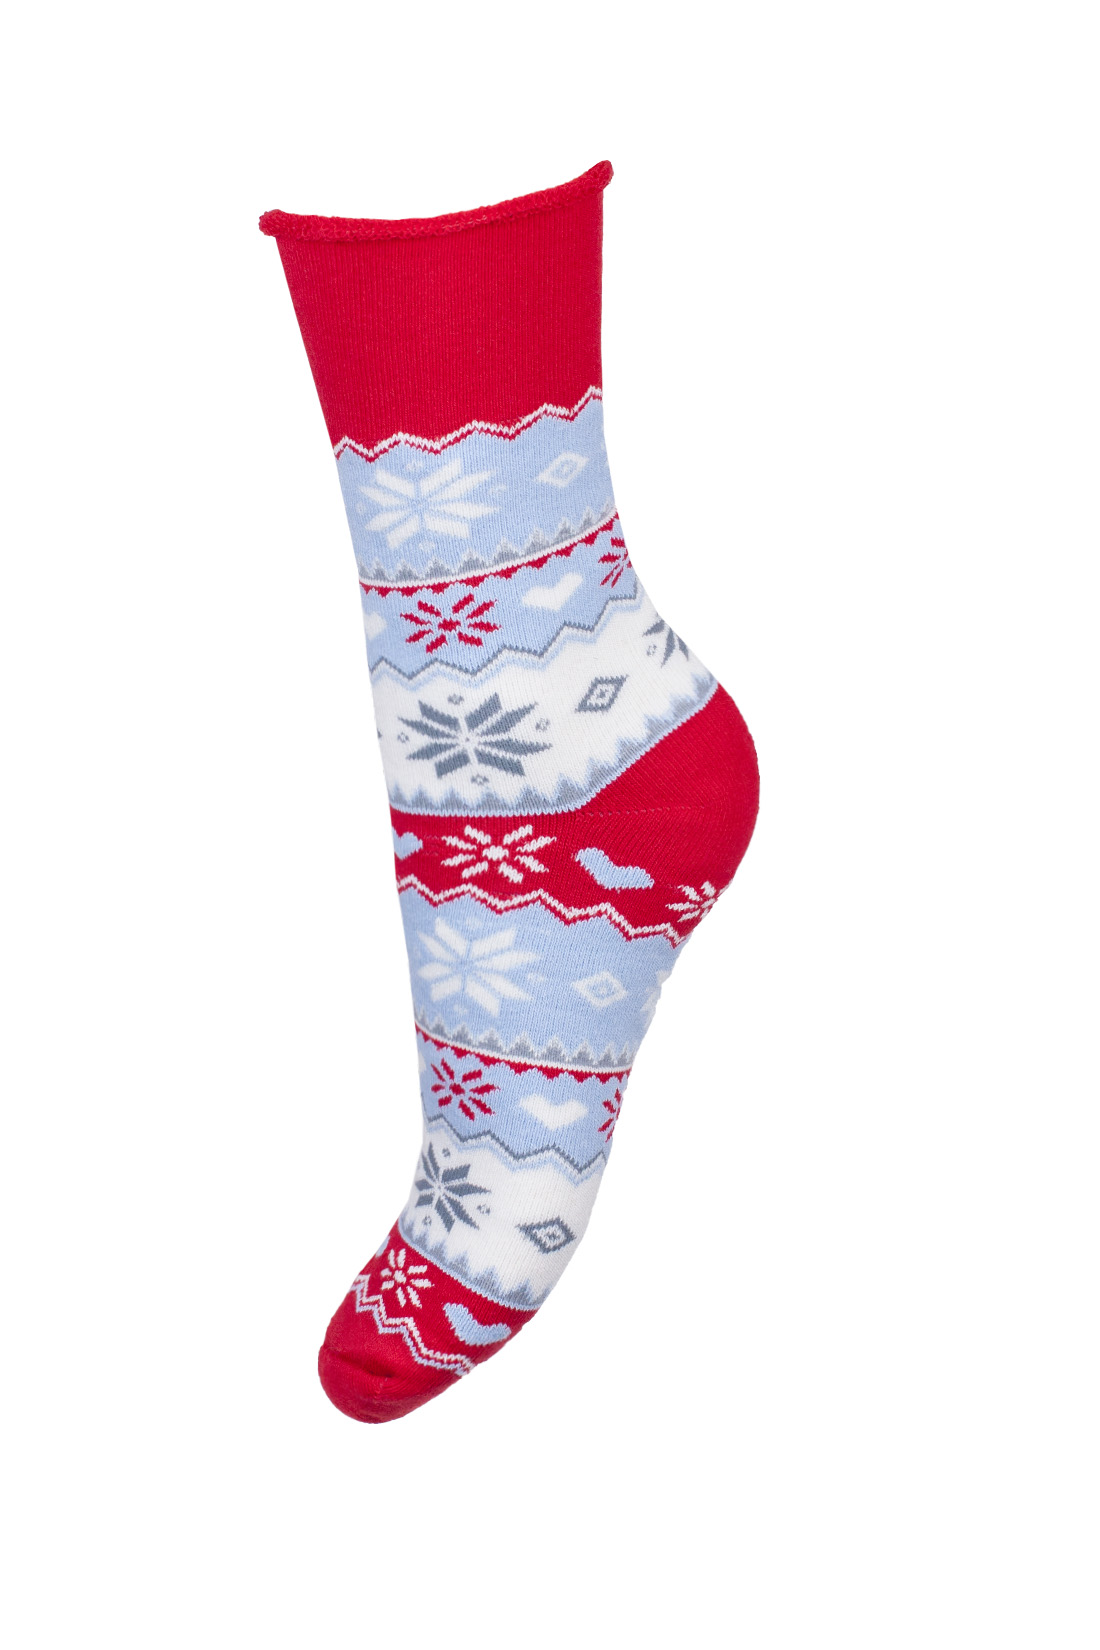 Skarpetki damskie frotte czerwone świąteczne z niebieskimi i białymi elementami